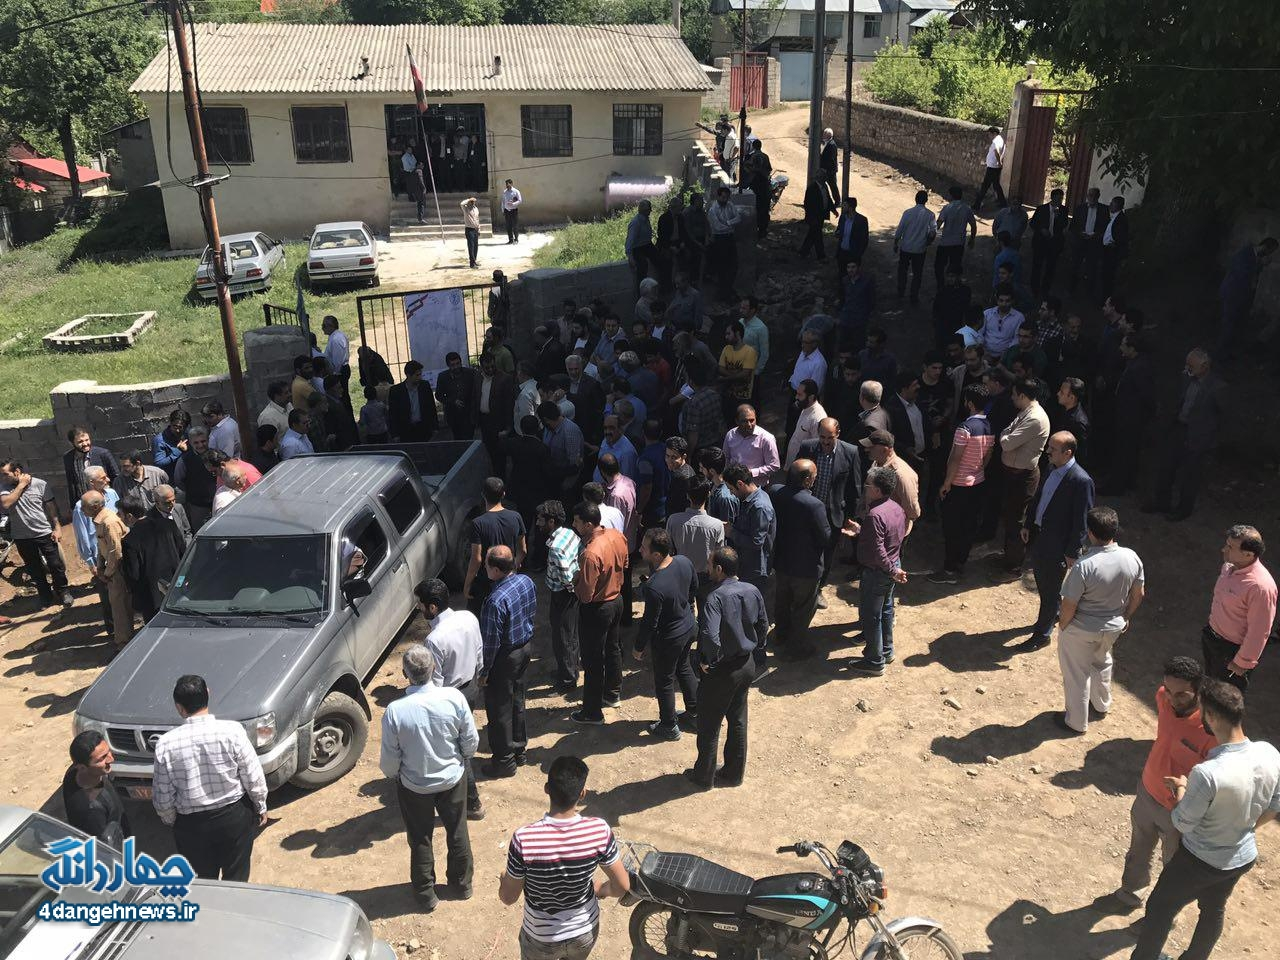 مشارکت بیش از ۱۵۰ در صدی مردم در انتخابات ریاست جمهوری بخش چهاردانگه